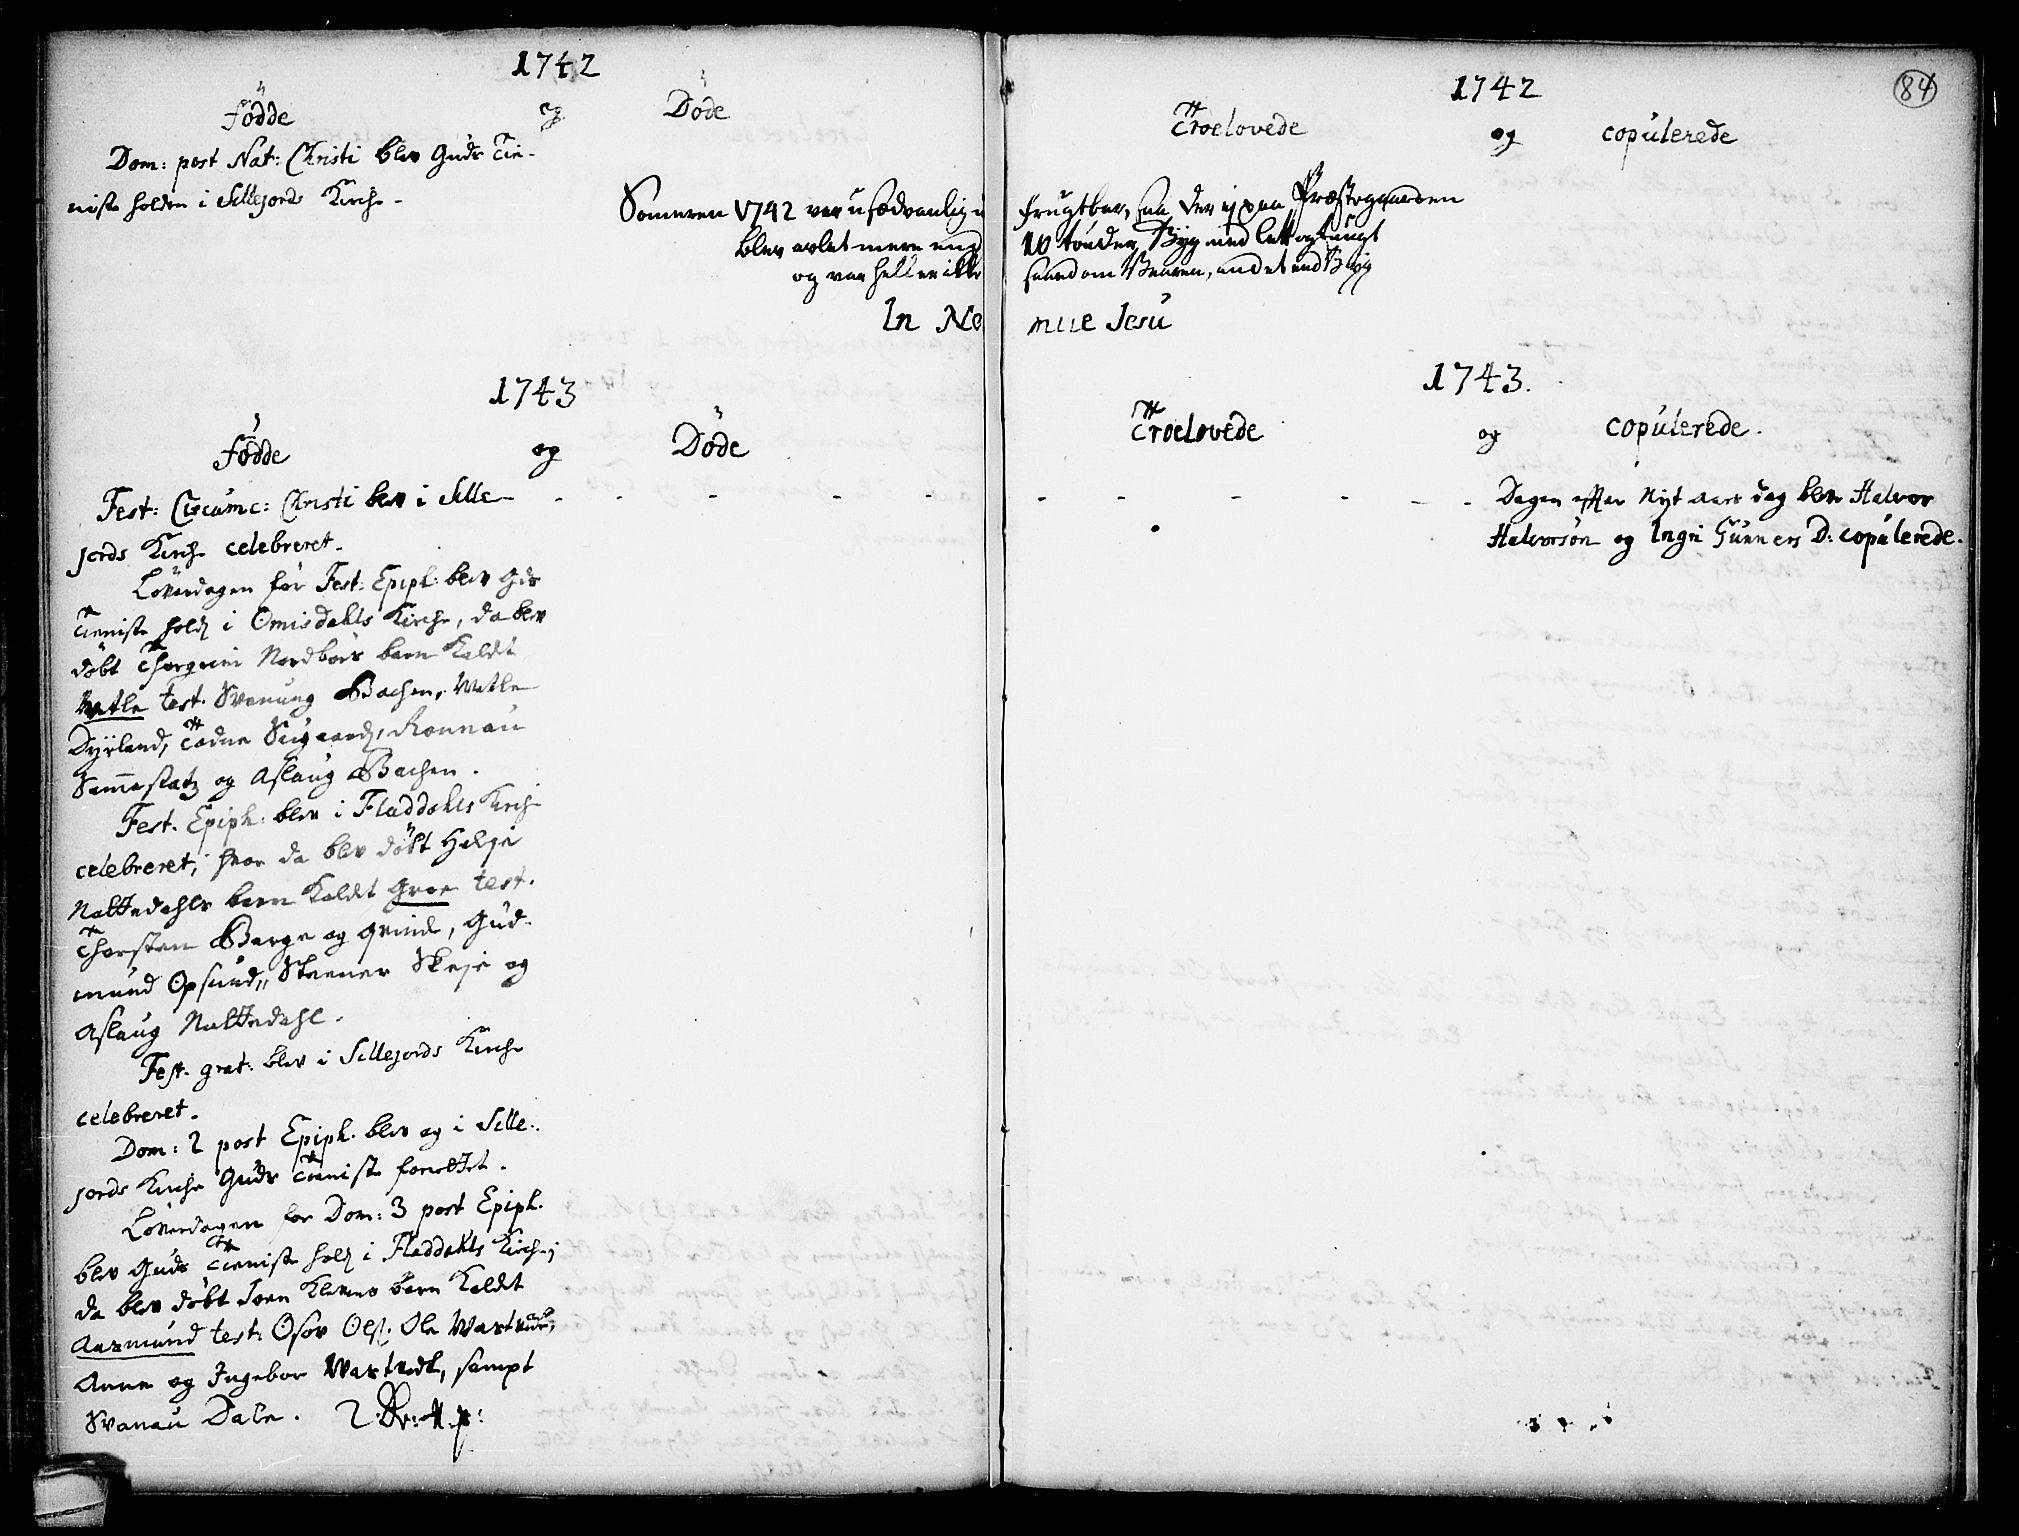 SAKO, Seljord kirkebøker, F/Fa/L0005: Ministerialbok nr. I 5, 1737-1743, s. 84